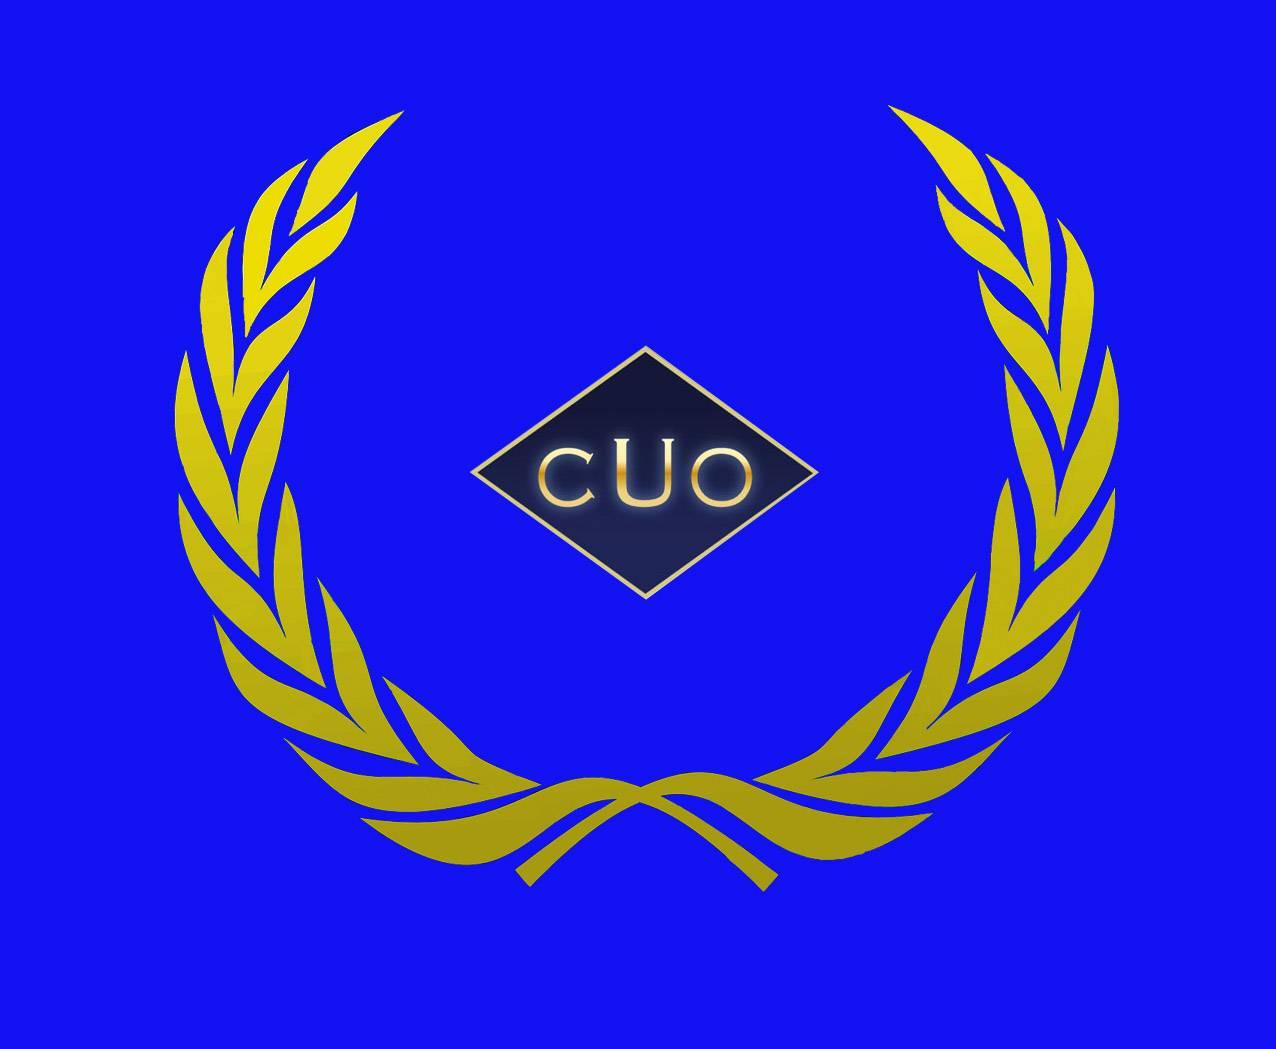 La charte du comptoir le comptoir universel de l 39 or - Comptoir universel de l or ...